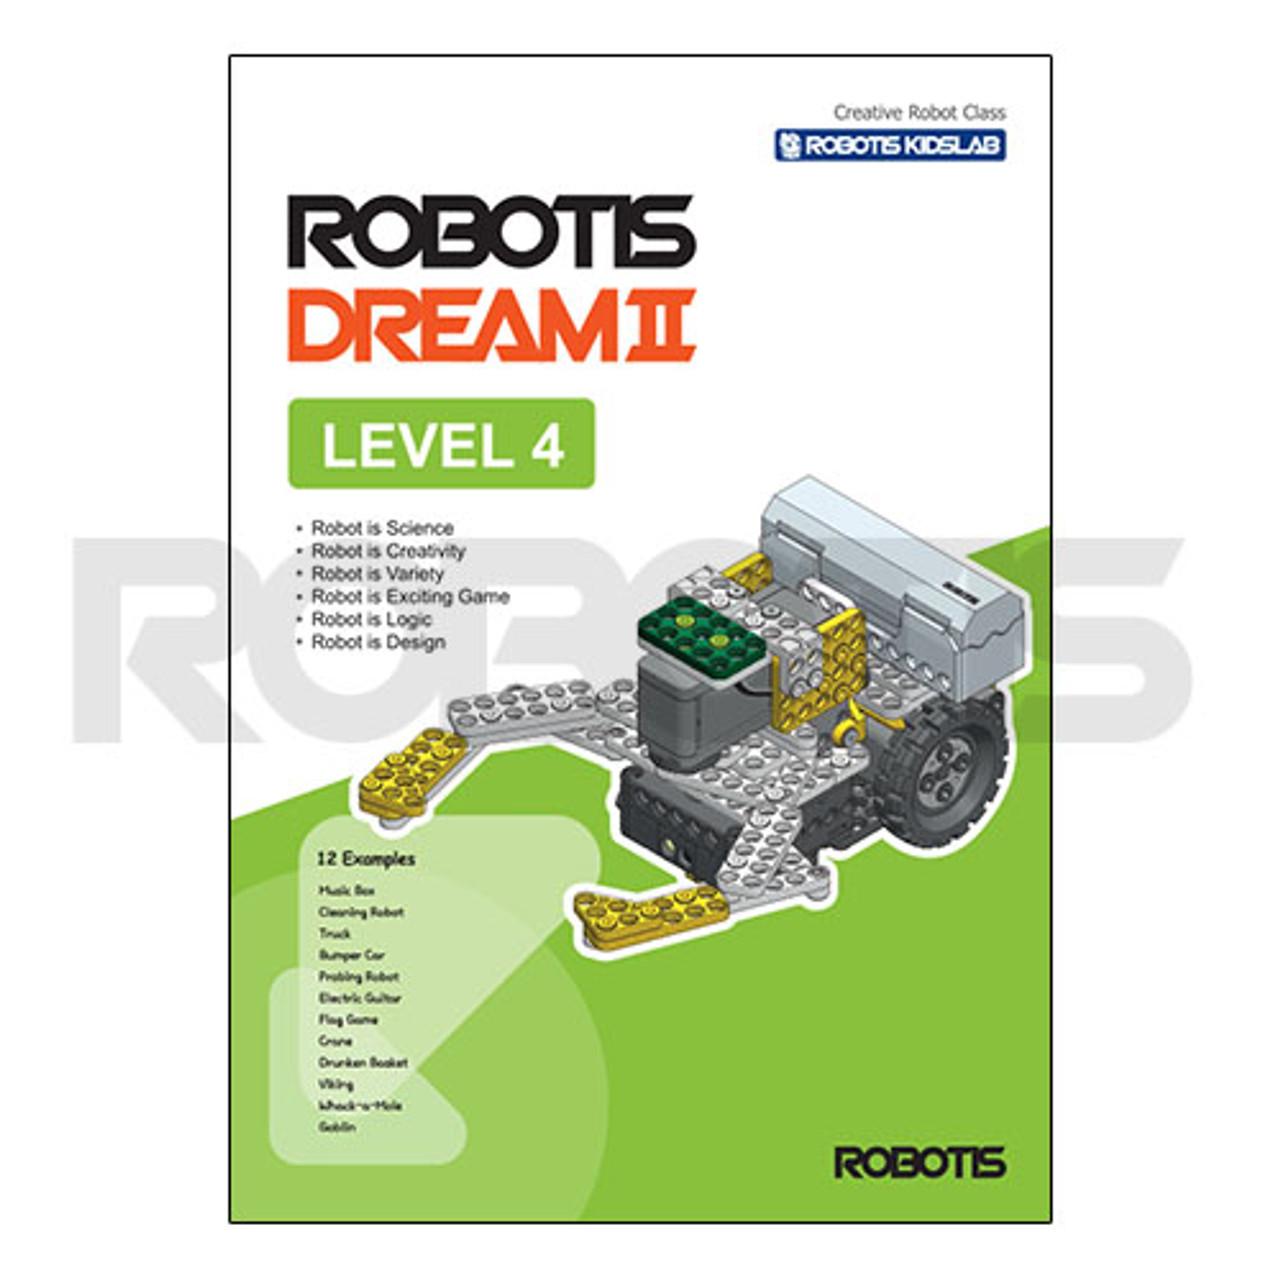 ROBOTIS DREAM II Level 4 Workbook [EN]